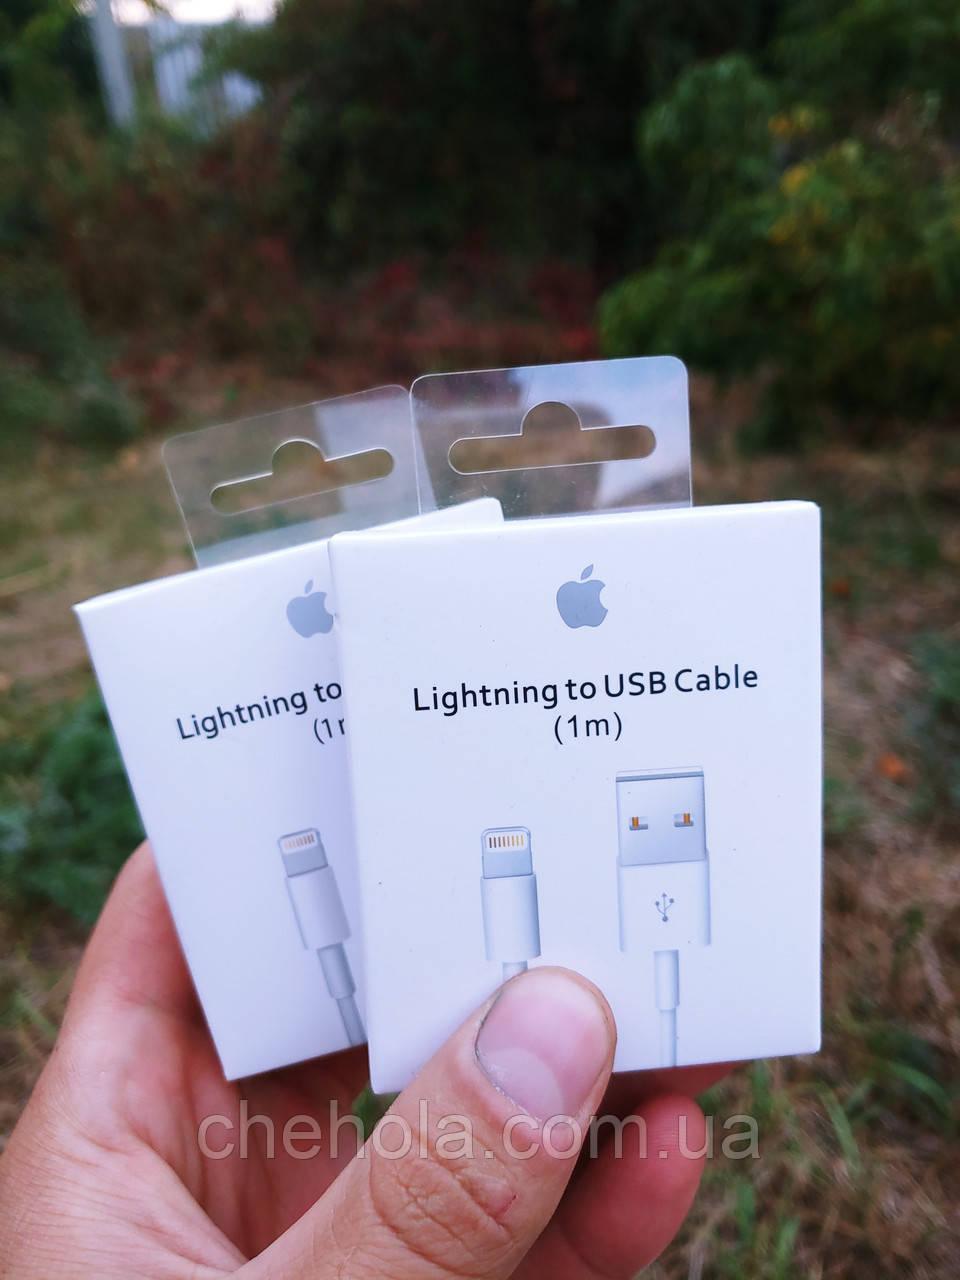 Комплект 2 штуки оригинальных кабелей Iphone 5 6 7 8 XS XR Ipad Lightning 1м Foxconn MFI MD818ZM/A A1480